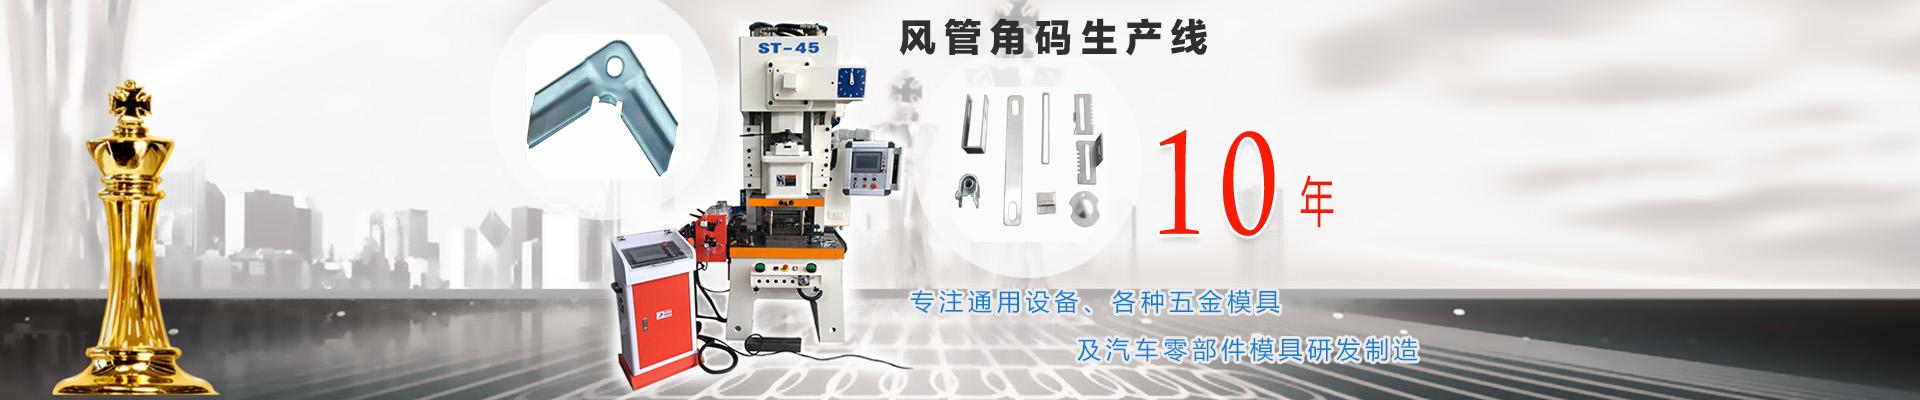 无锡华新达机械制造有限公司